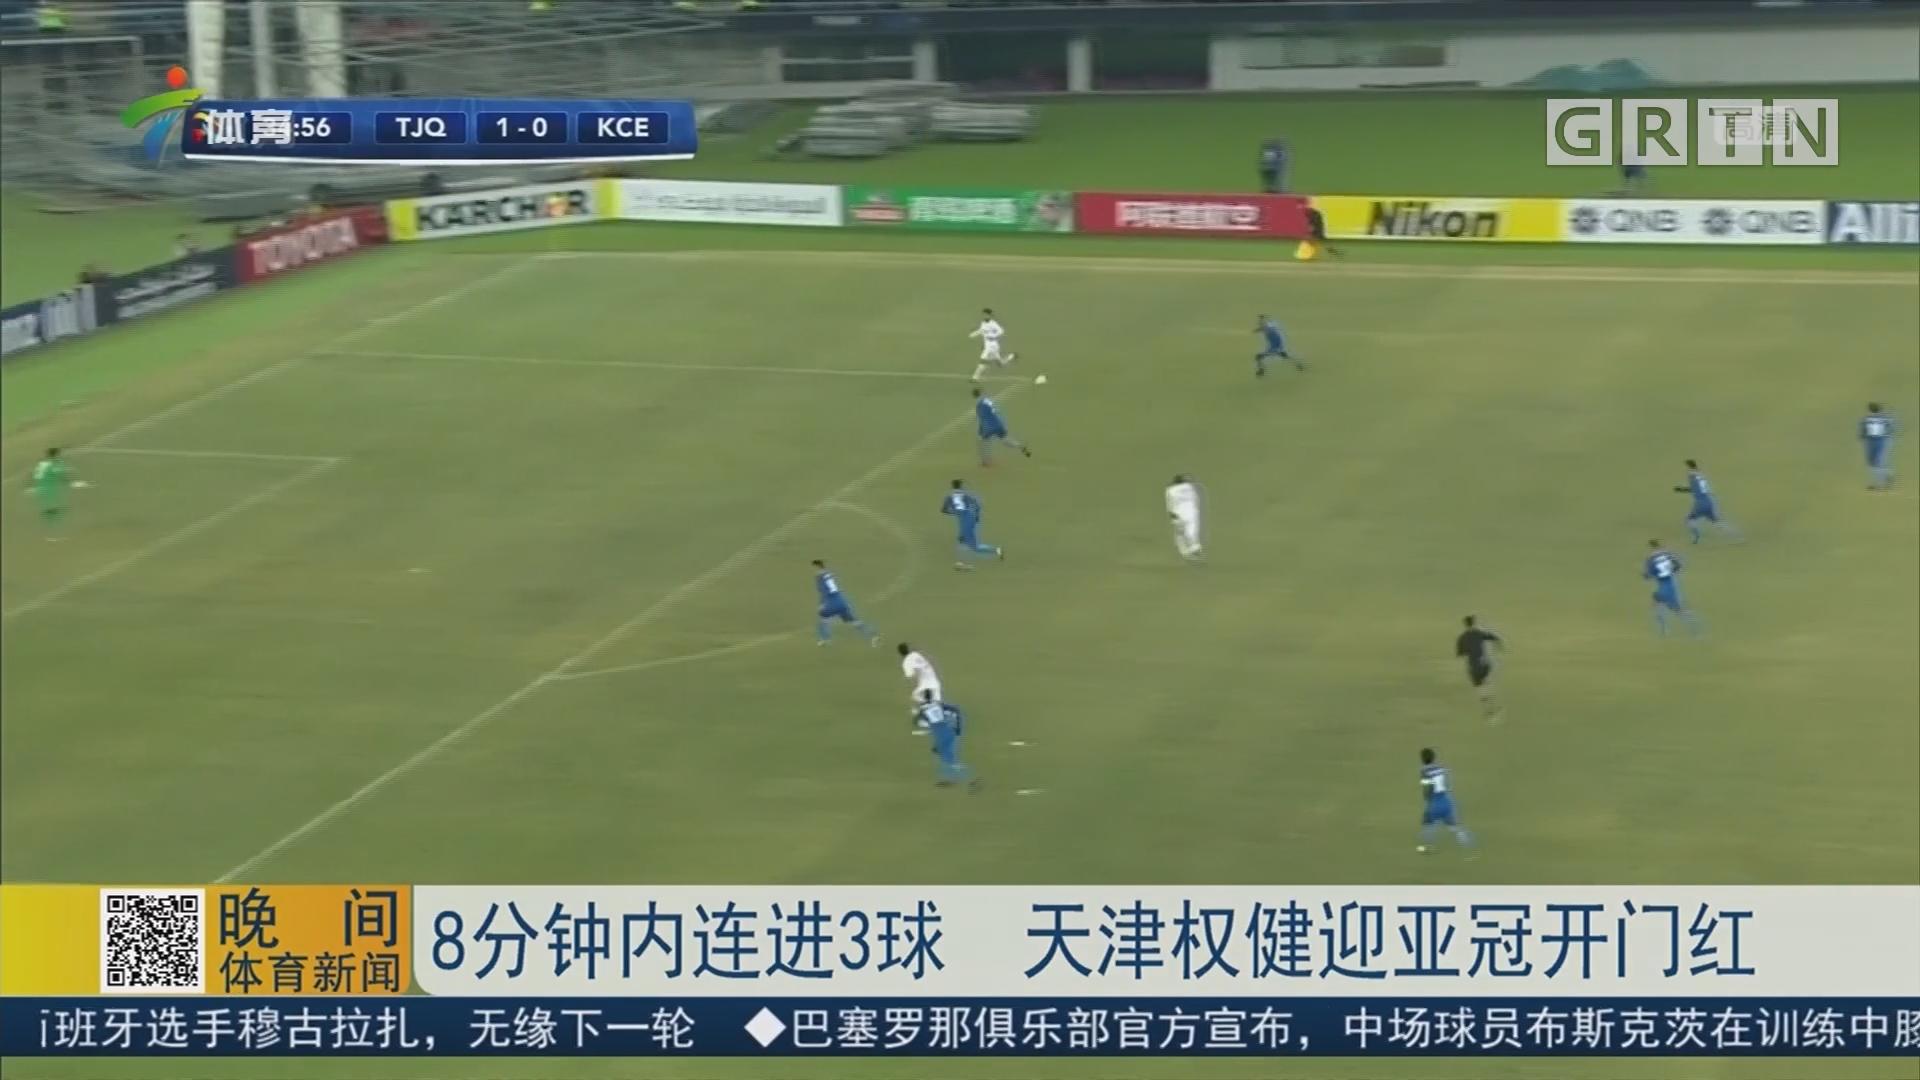 8分钟内连进3球 天津权健迎亚冠开门红